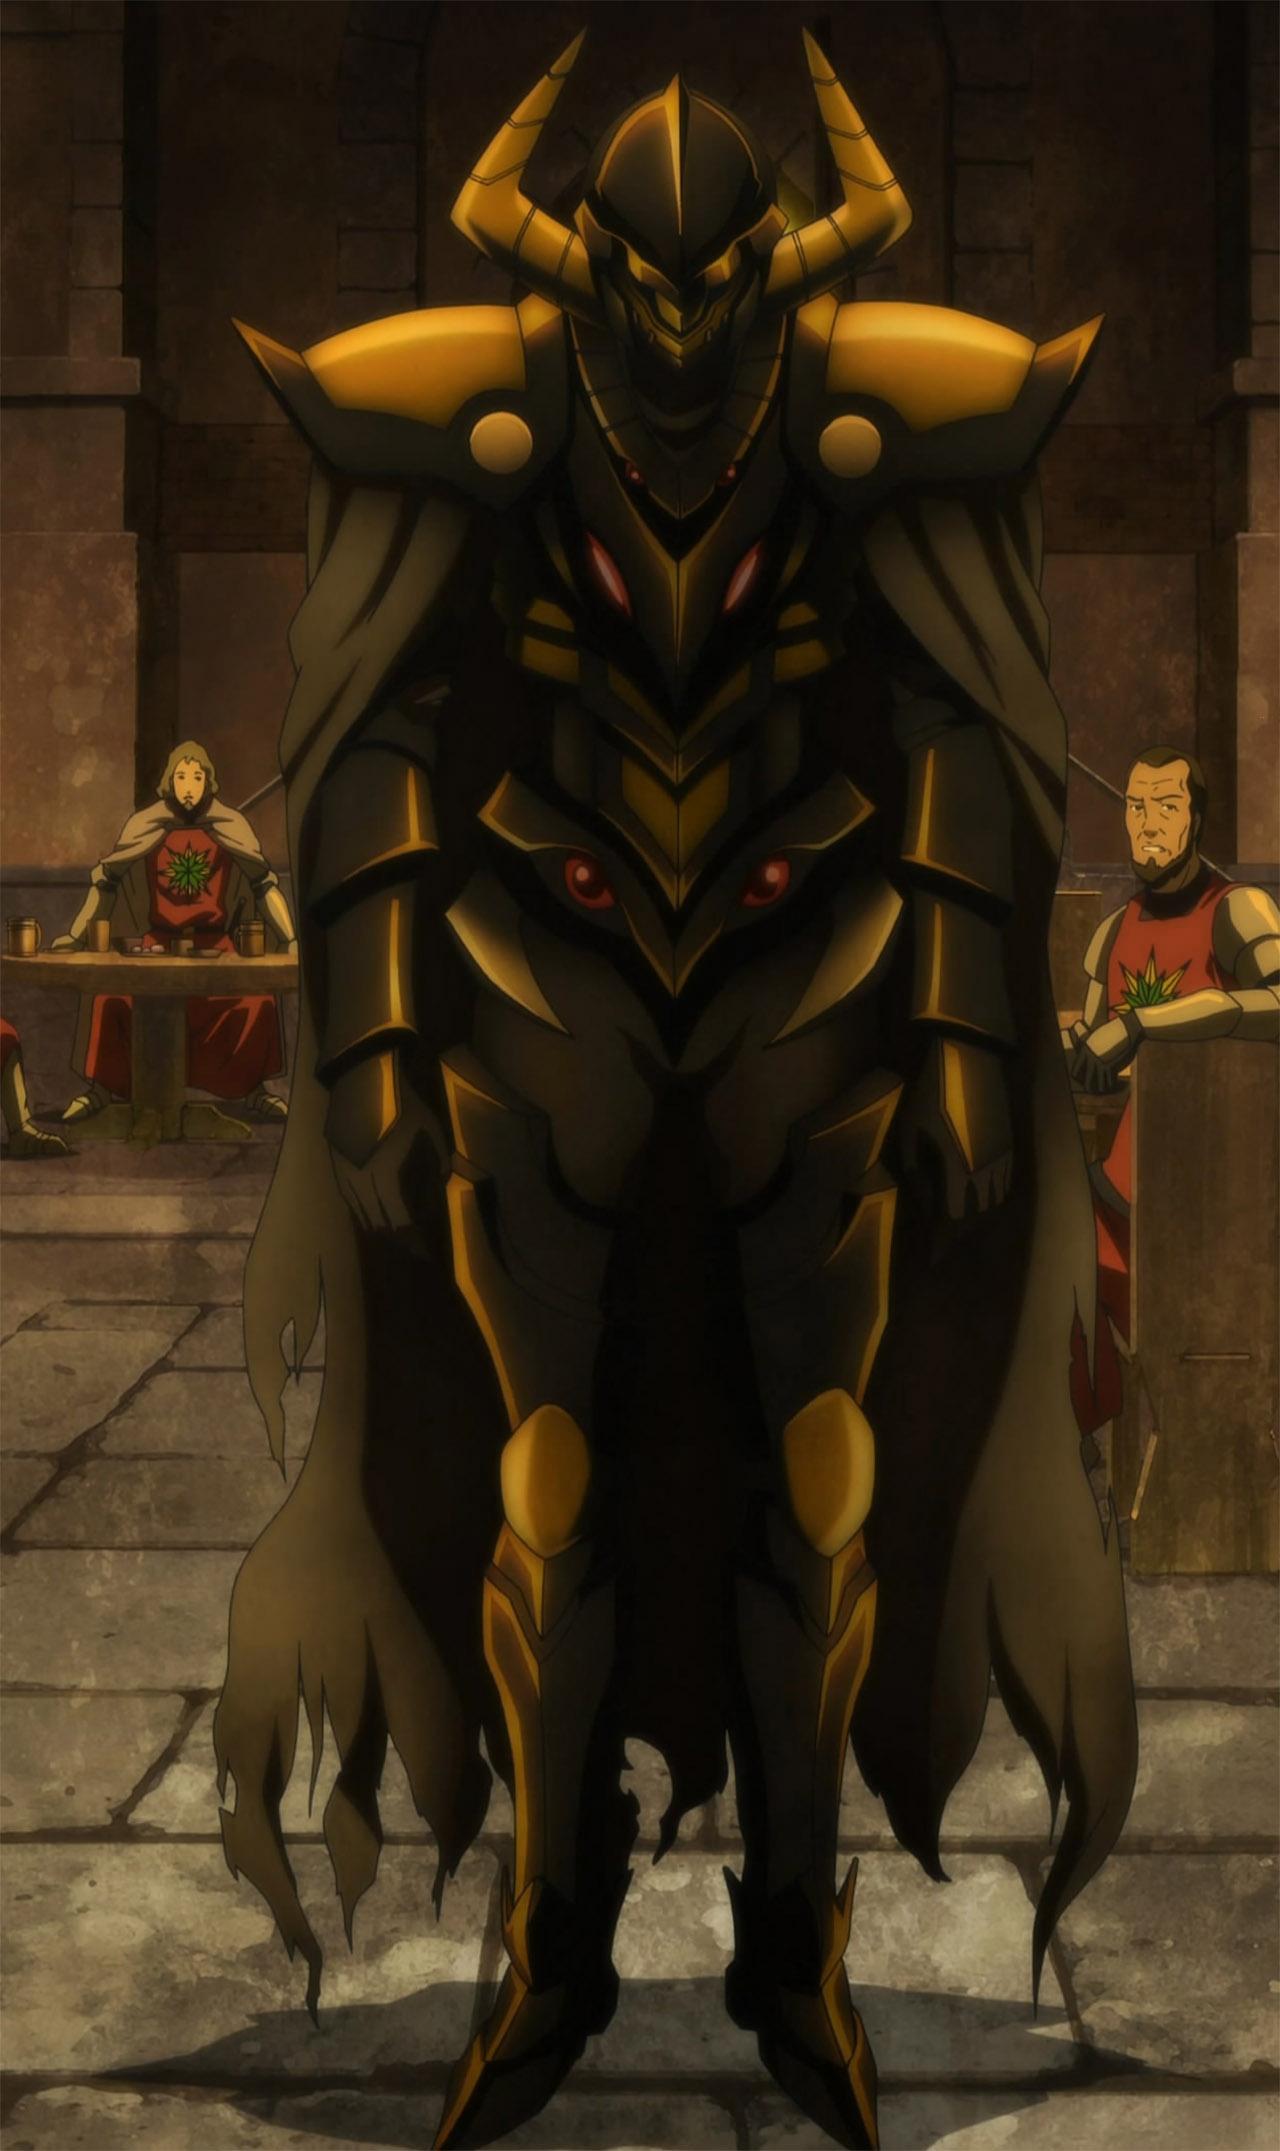 hero maoyu black knights wiki fandom powered by wikia